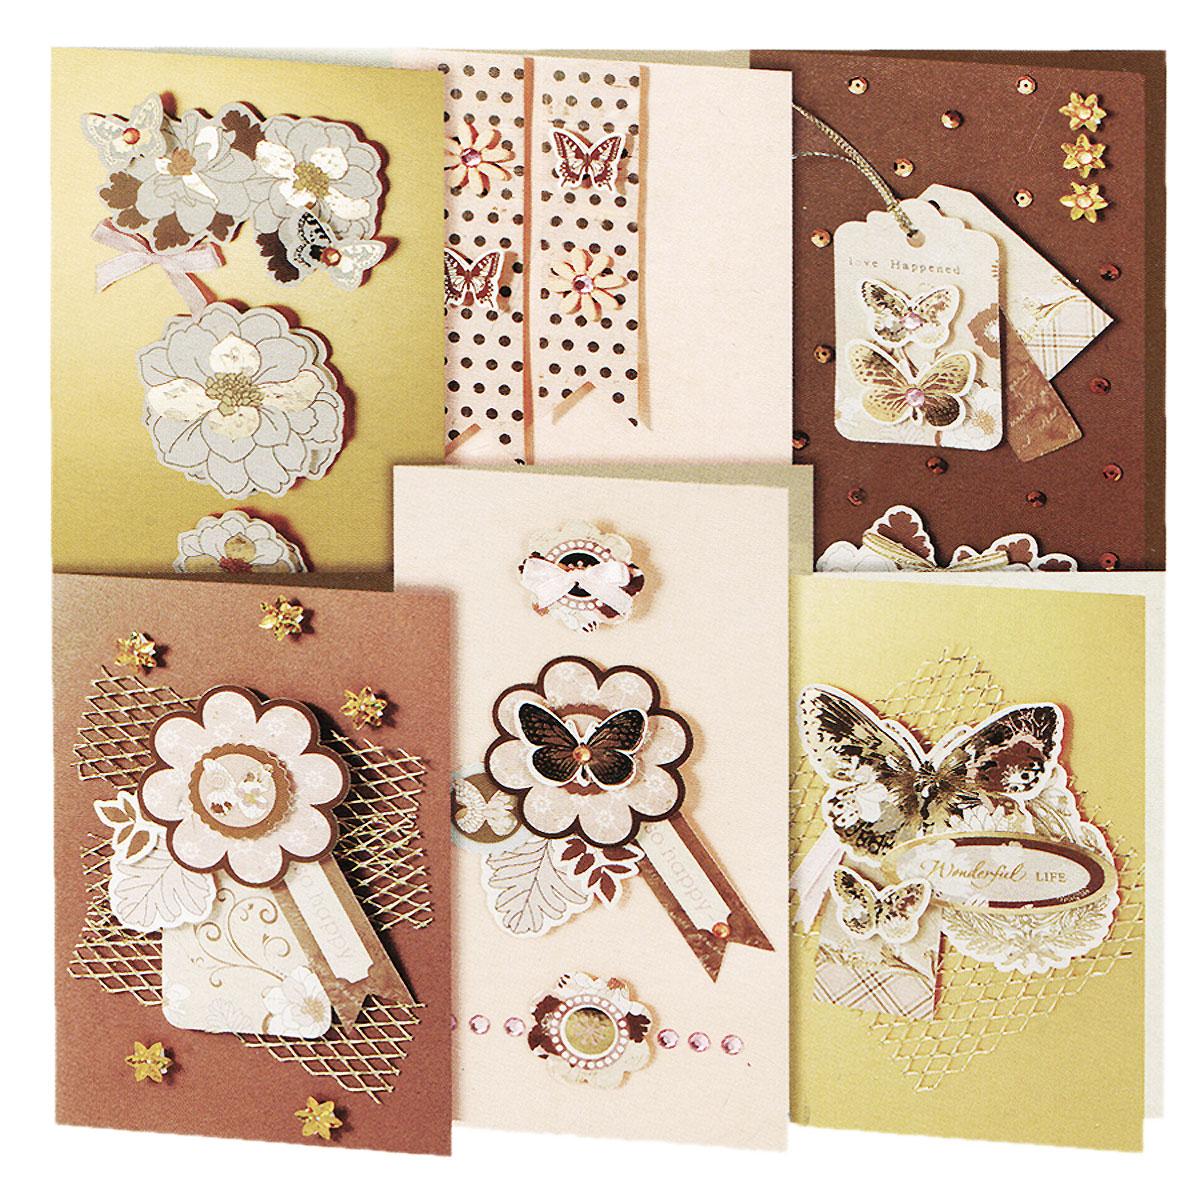 Набор для создания открыток Белоснежка Бабочки, 6 шт217-SBНабор для создания открыток Белоснежка Бабочки позволит вам и вашему ребенку создать 6 оригинальных открыток из картона в стиле 3D скрапбукинг. Набор включает в себя все необходимое для работы: 6 заготовок для открыток, 6 конвертов, клеевые подушечки, декоративные элементы (вырубка из бумаги в форме бабочек и цветов, ленты, паетки, стразы, полубусины) и подробную инструкцию на русском языке. Скрапбукинг - это хобби, которое способно приносить массу приятных эмоций не только человеку, который этим занимается, но и его близким, друзьям, родным. Это невероятно увлекательное занятие, которое поможет вам сохранить наиболее памятные и яркие моменты вашей жизни, а также интересно оформить интерьер дома. Размер малой открытки: 11,5 см х 17 см. Размер большой открытки: 11,5 см х 21 см.